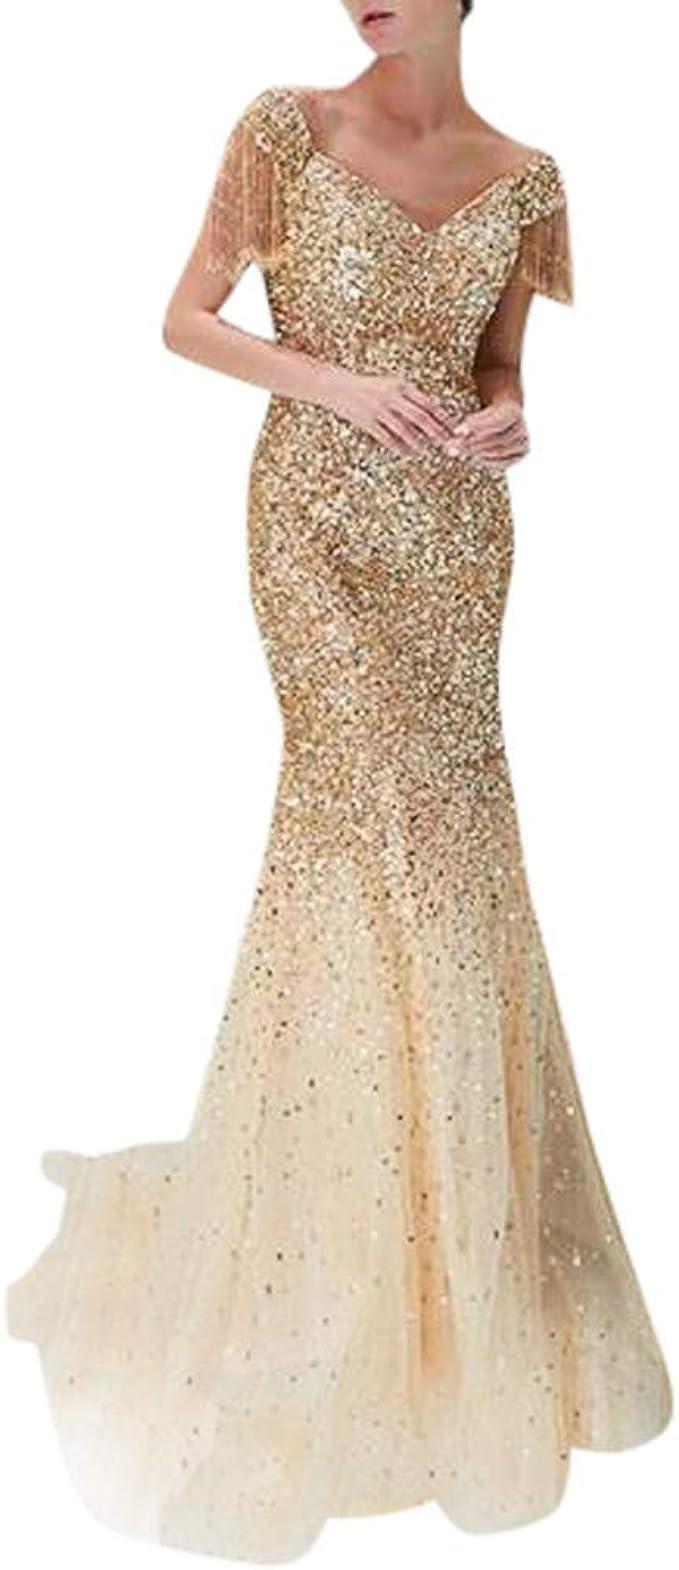 MAYOGO Festliche Kleider Abschlussball Kleider Damen Lang Gold